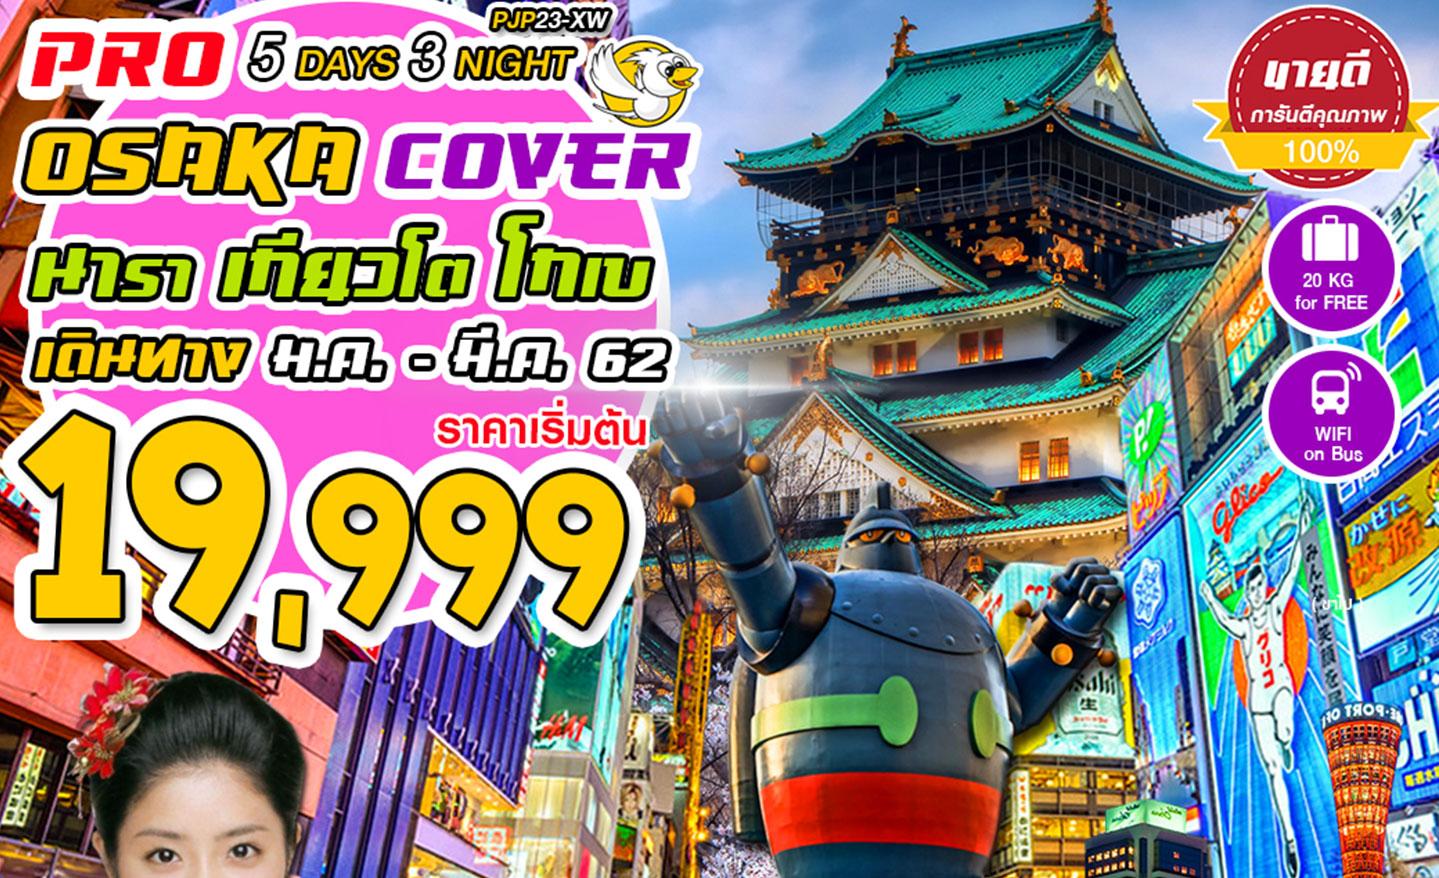 ทัวร์ญี่ปุ่น Osaka Cover นารา เกียวโต โกเบ (ม.ค.-มี.ค.62)